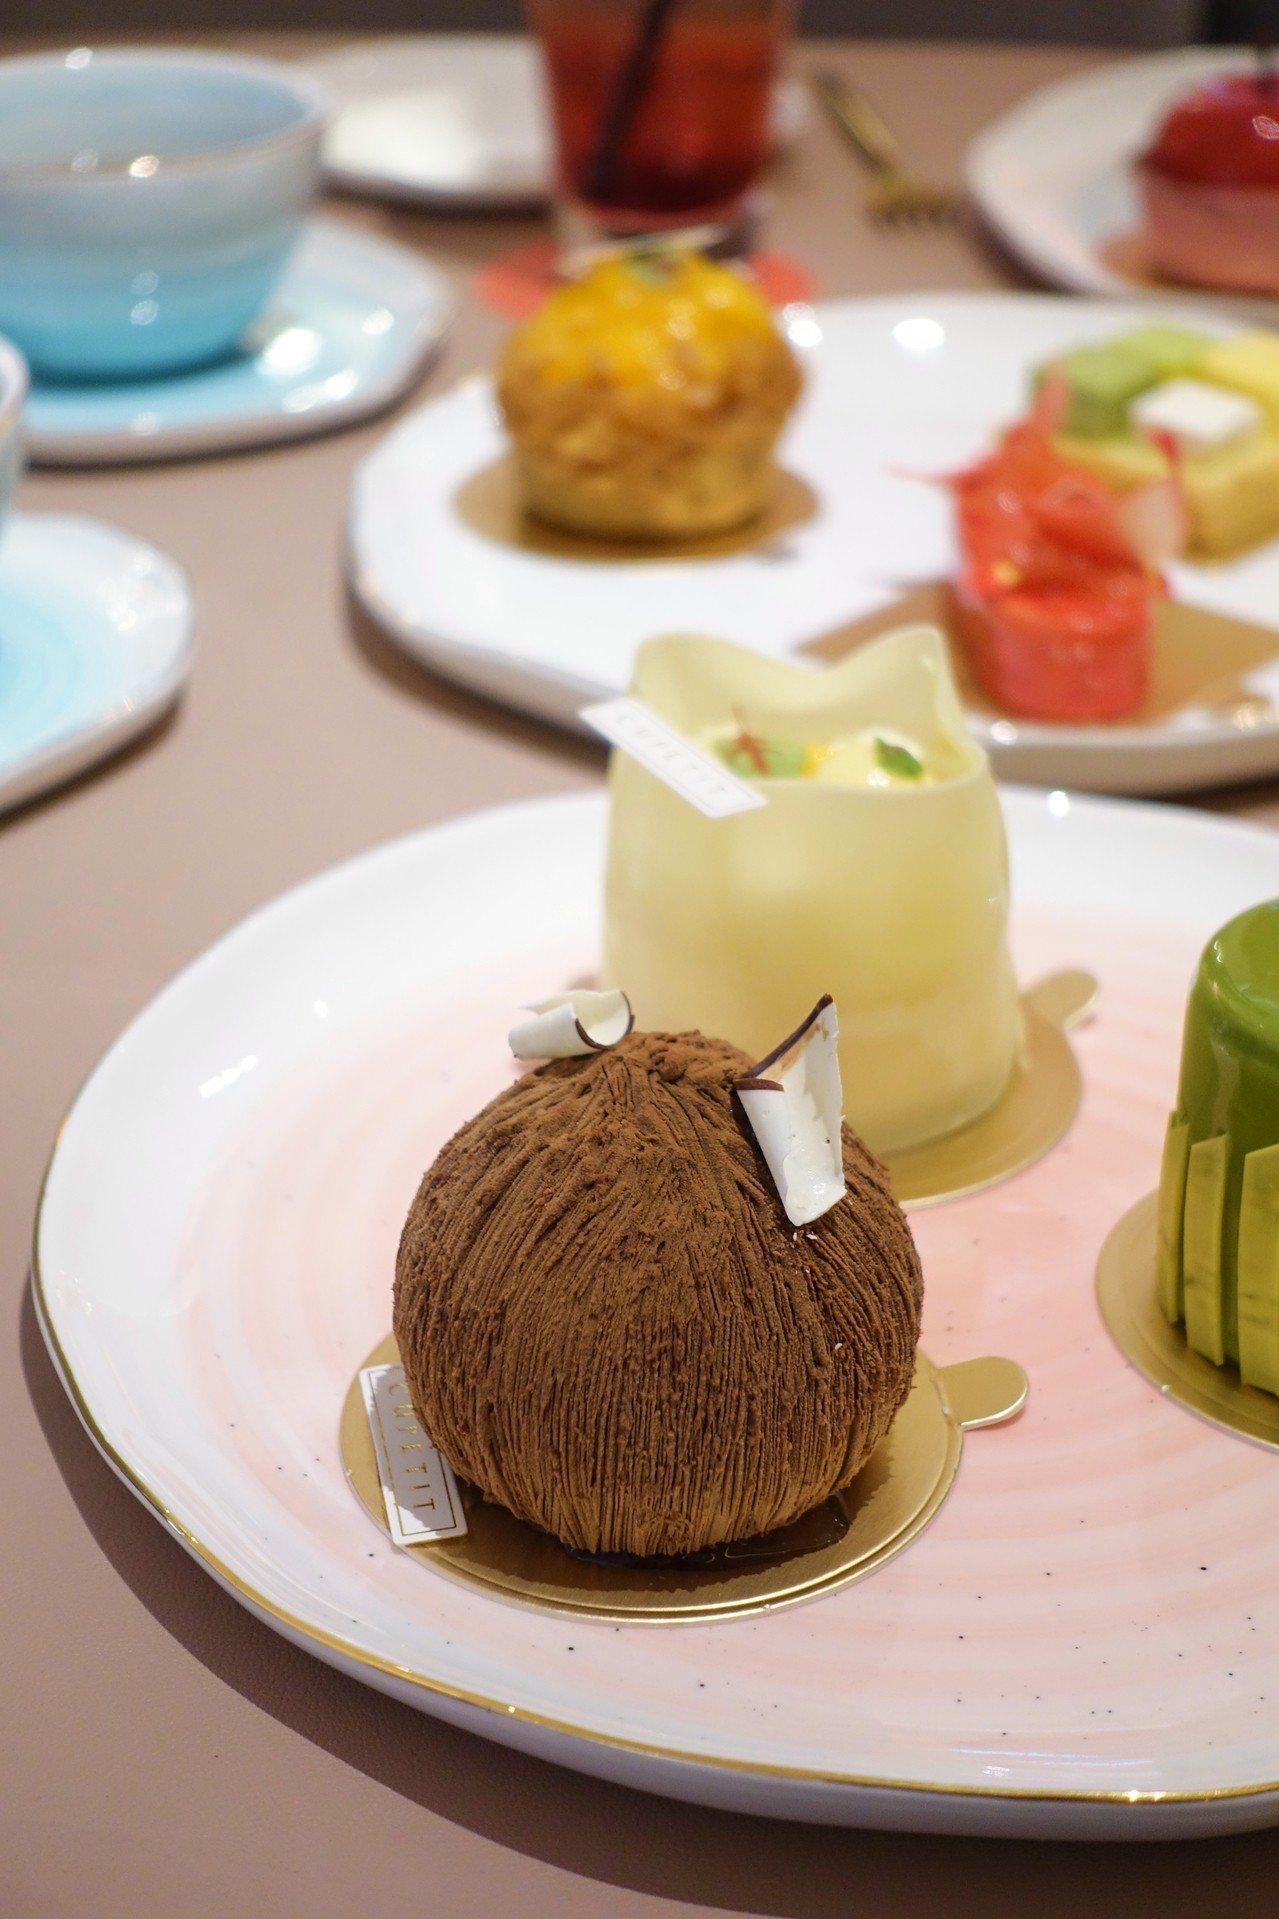 毛阿娜外型貌似椰子。記者沈佩臻/攝影